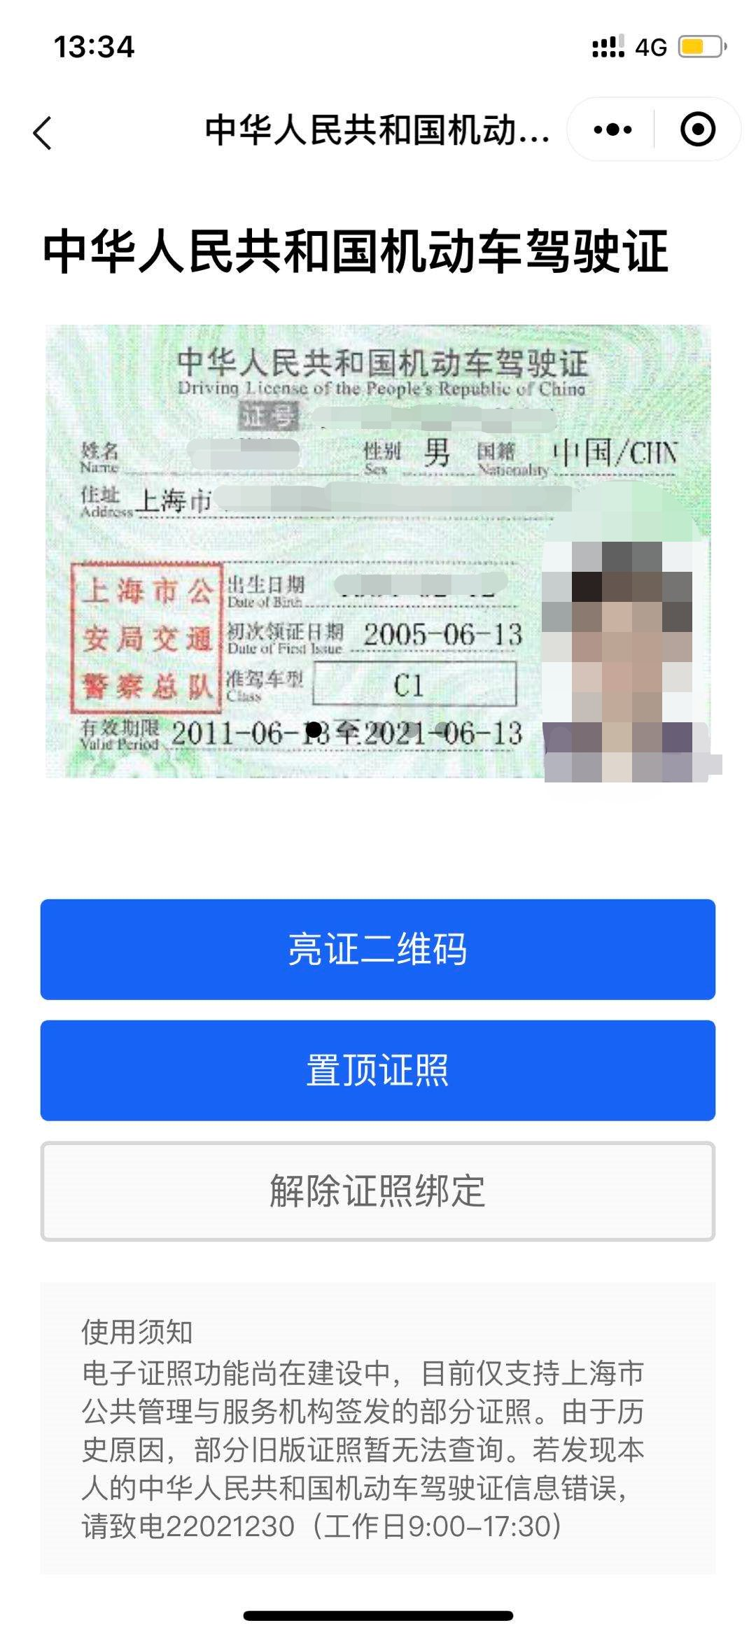 沪苏浙皖9月30日起互认电子驾照